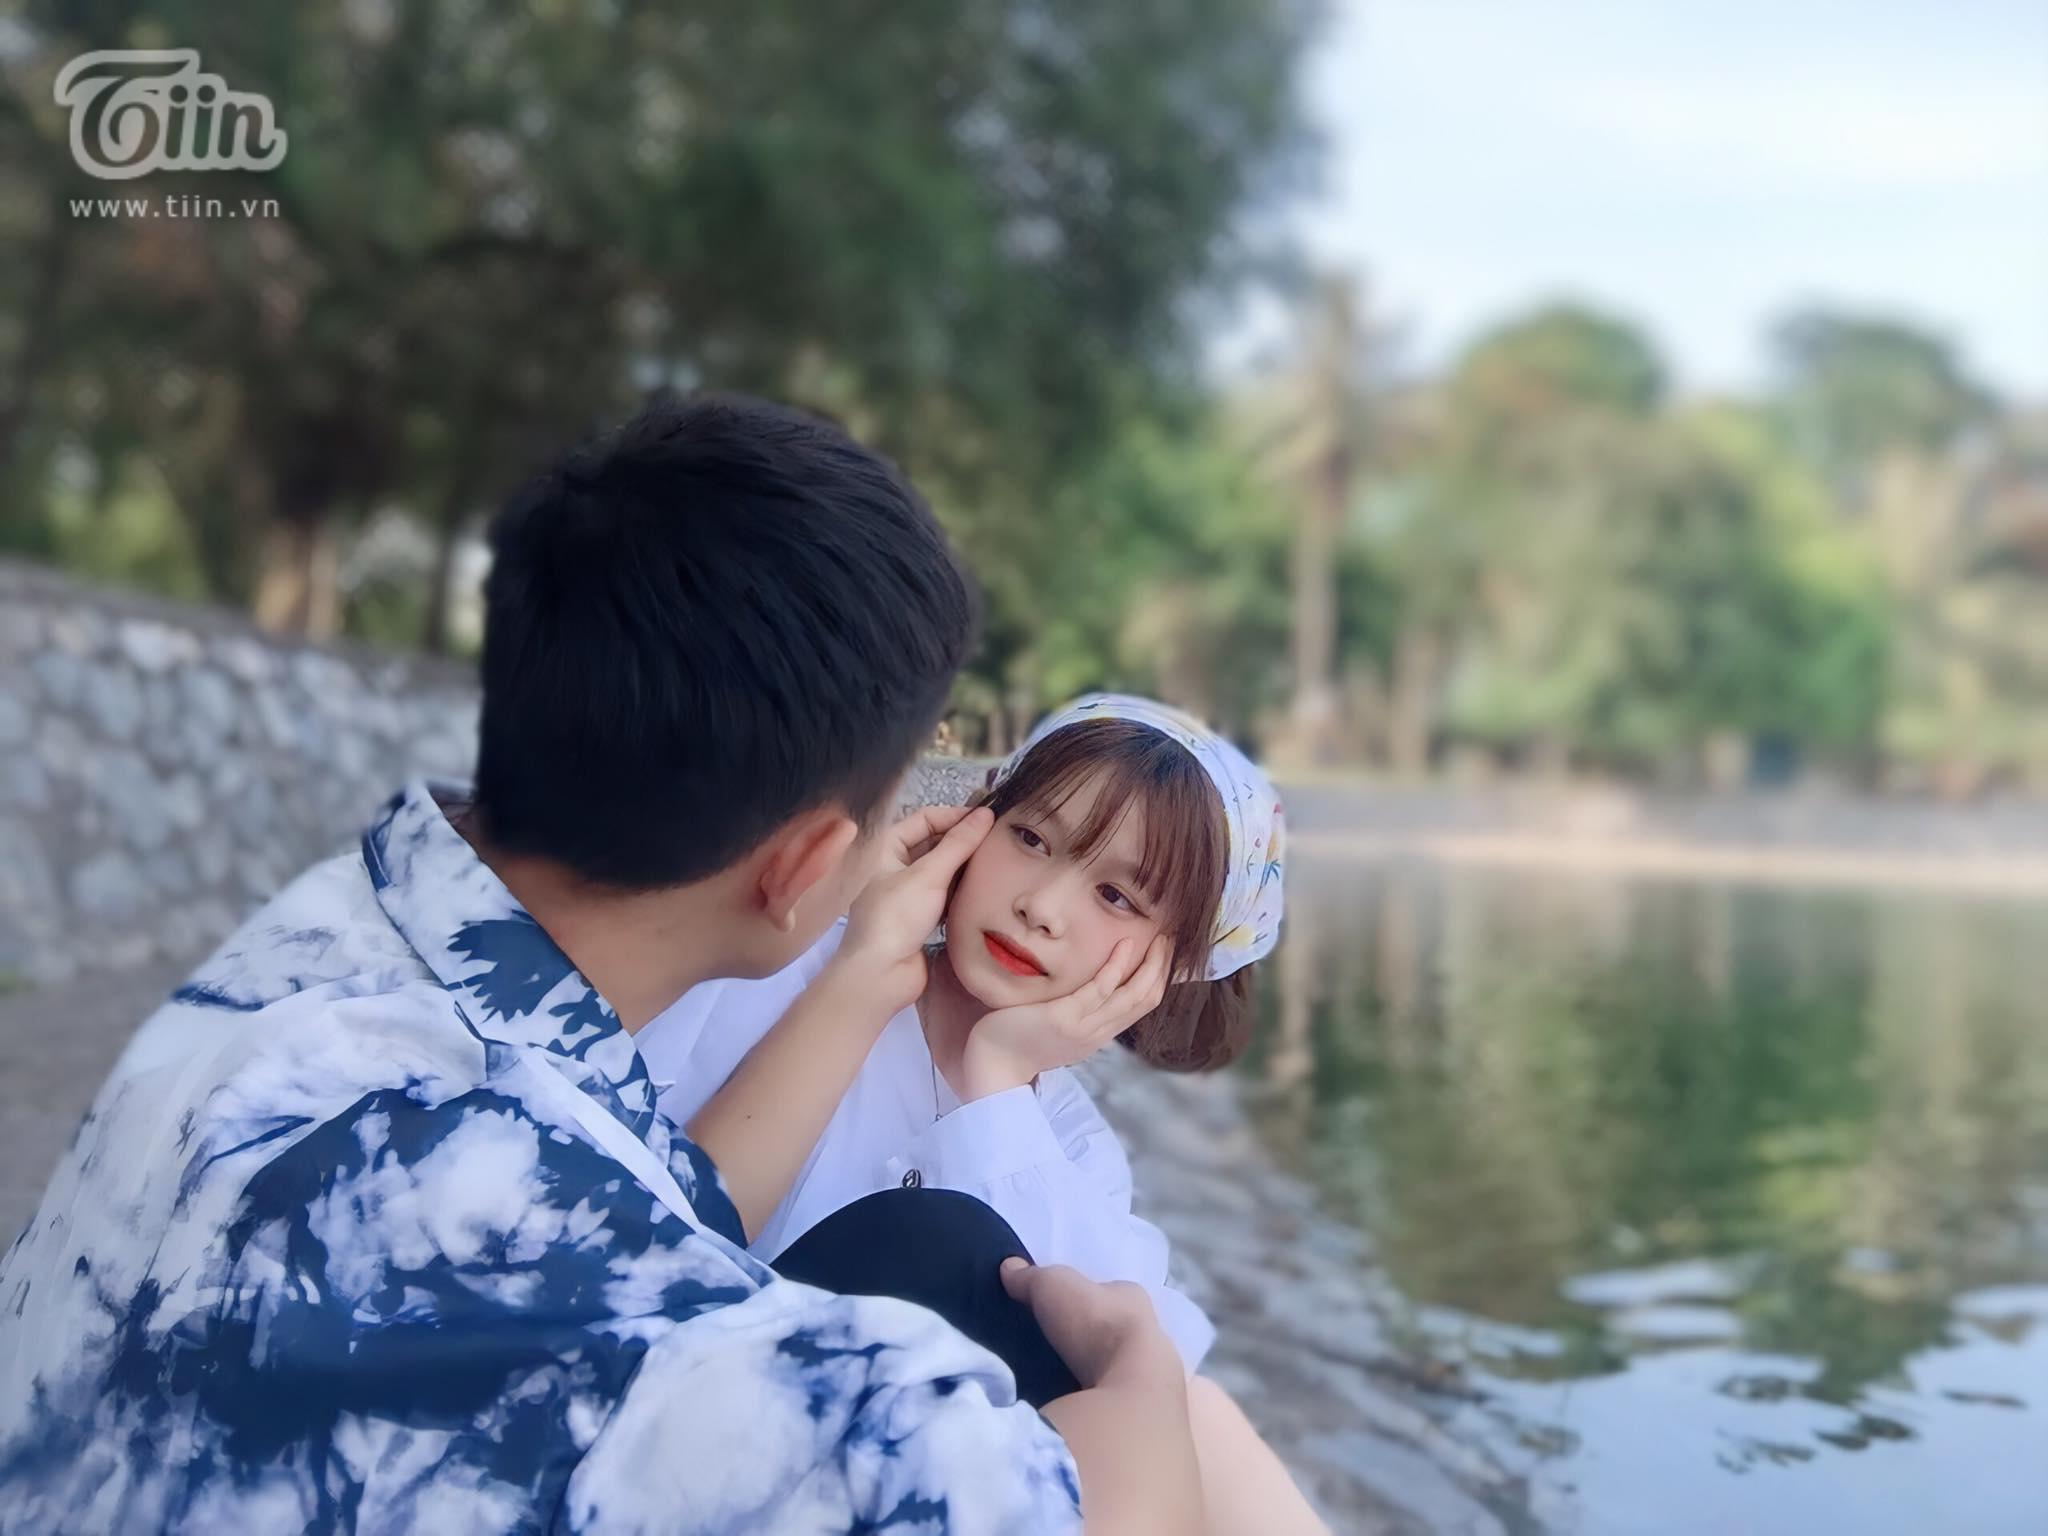 Dòng tìm kiếm gây bão mạng và chuyện tình yêu 'gà bông' ngọt ngào của cặp đôi 10X 1